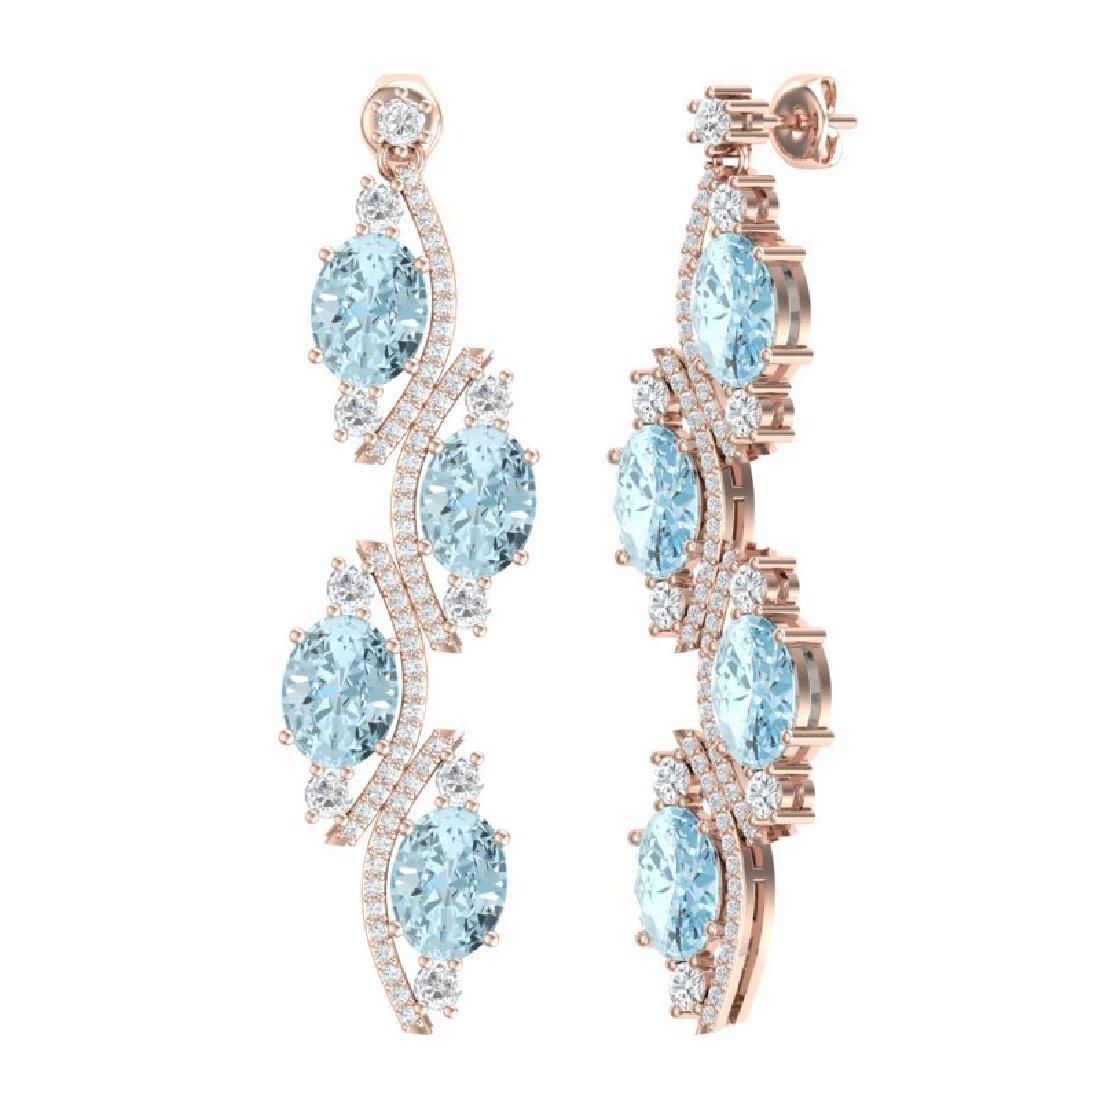 15.72 CTW Royalty Sky Topaz & VS Diamond Earrings 18K - 3